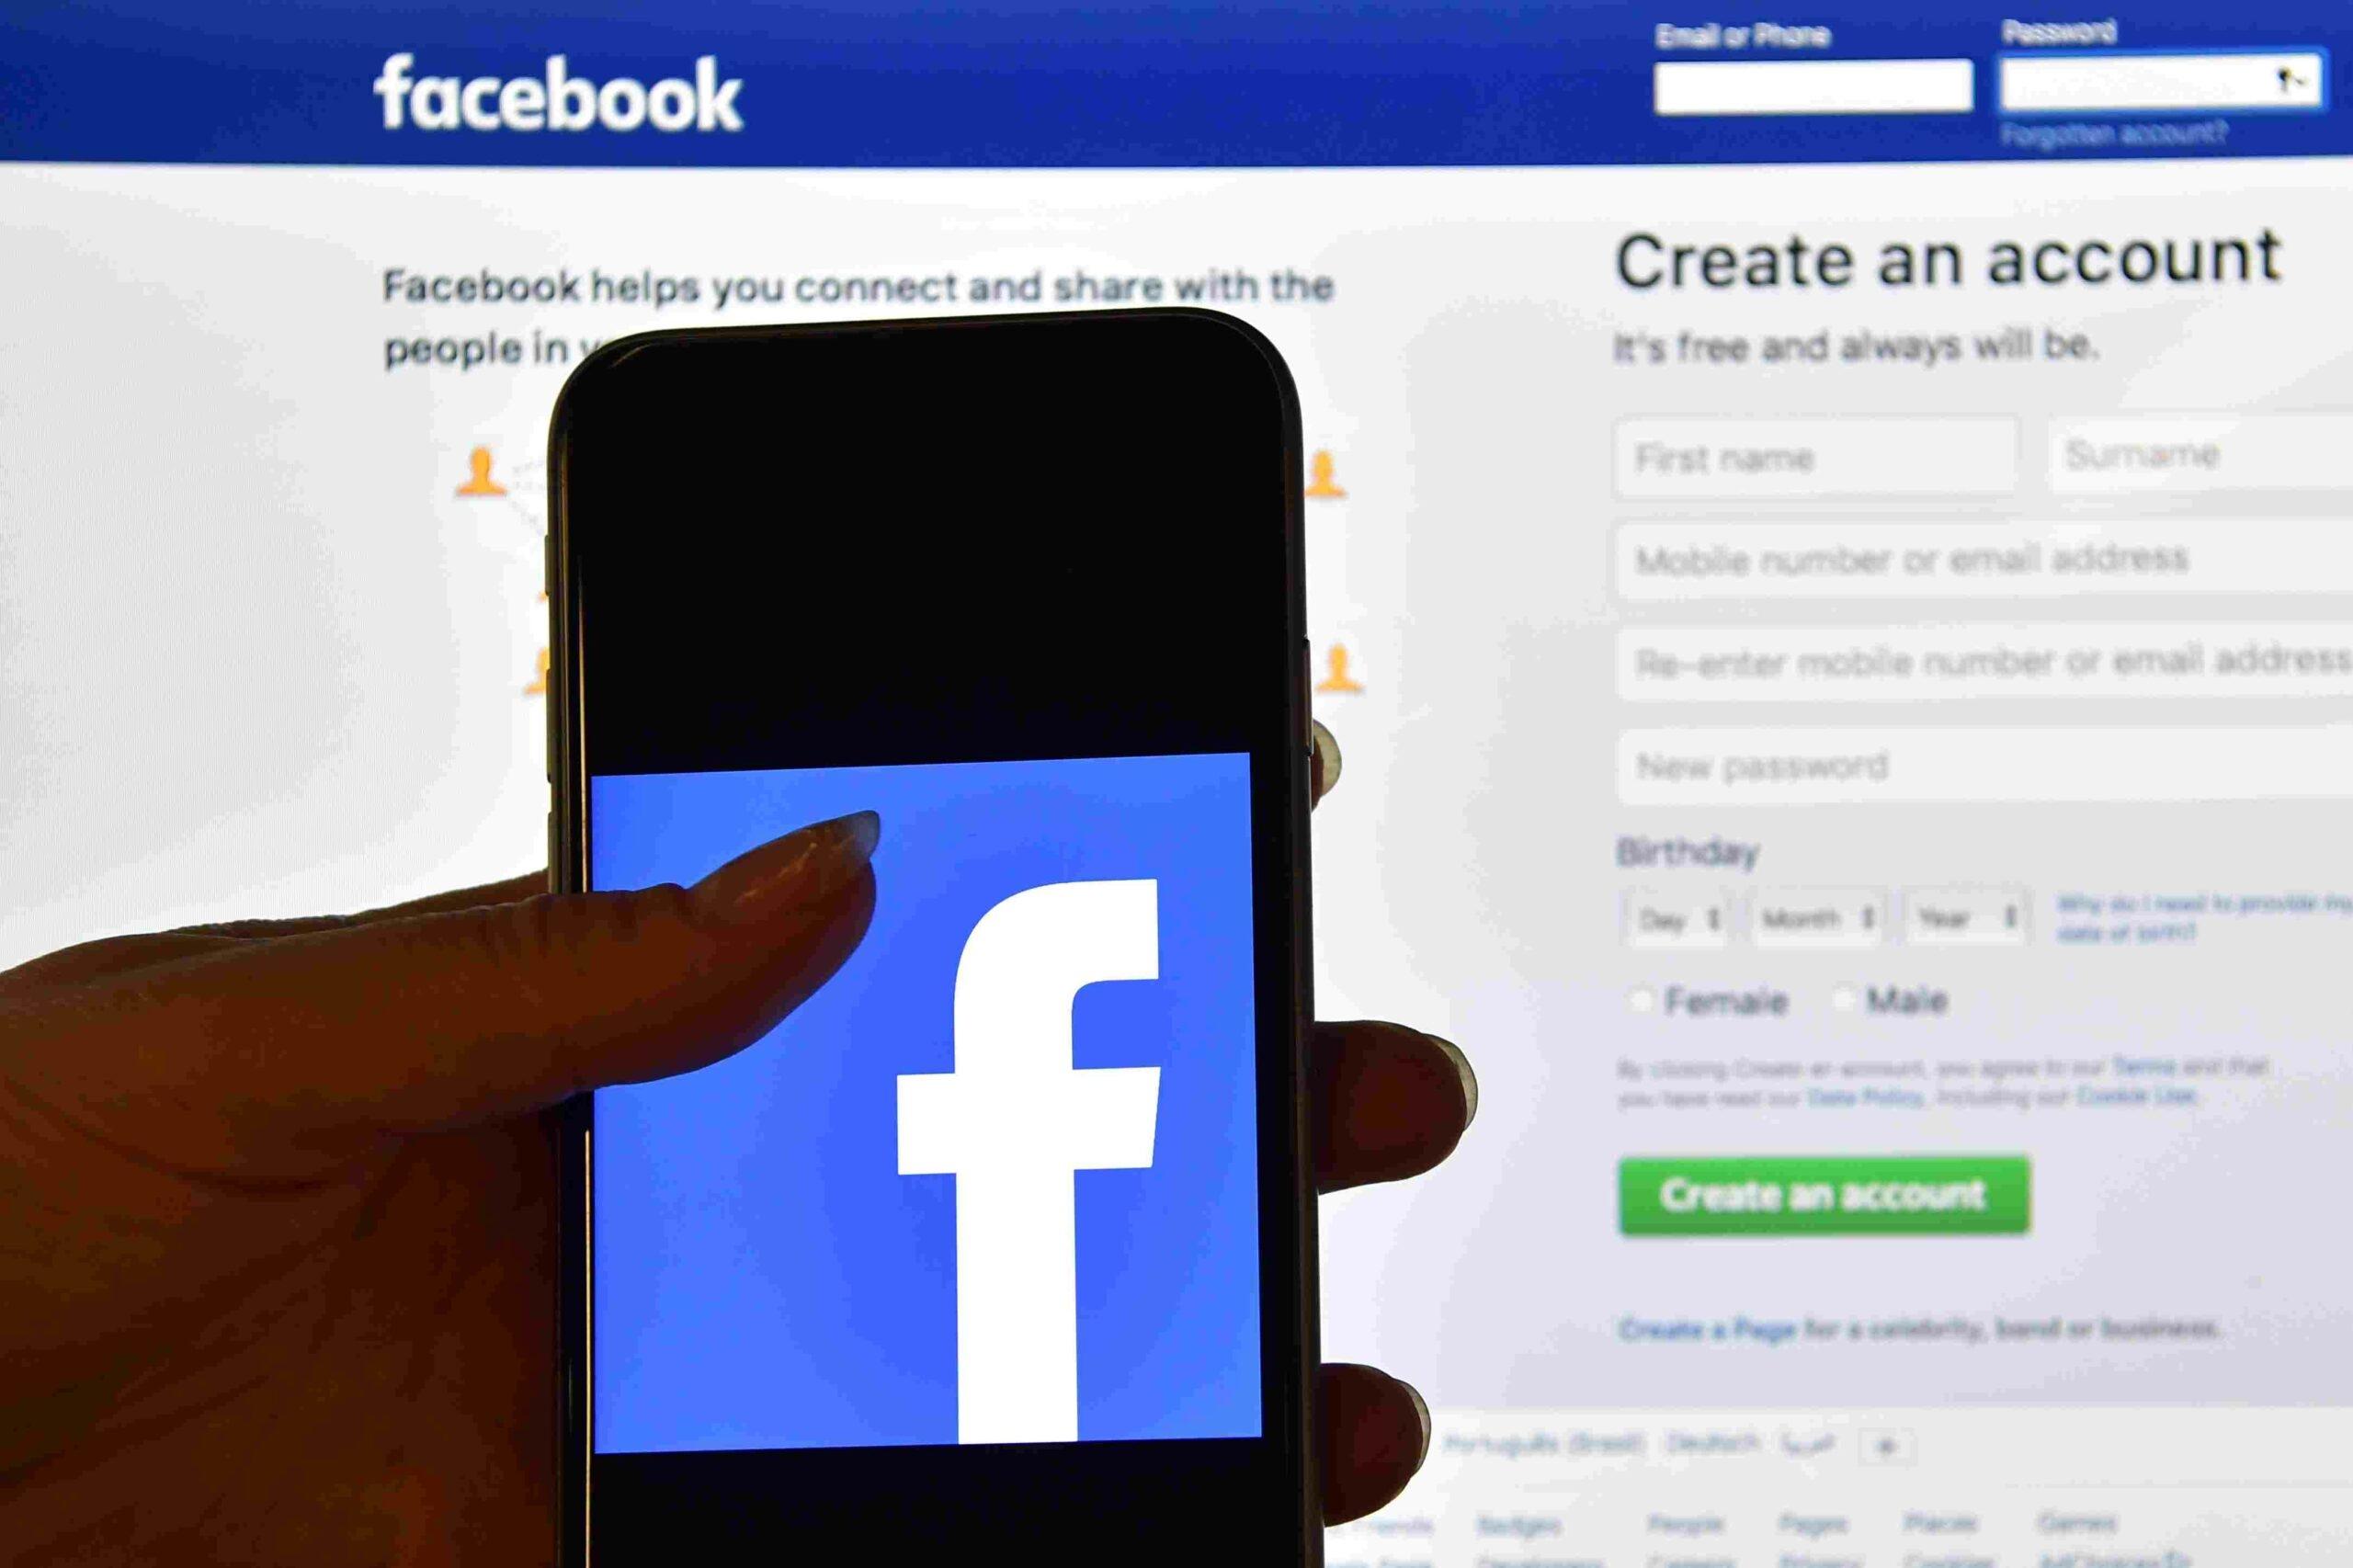 Блокировка рекламных аккаунтов в Фейсбук: как избежать